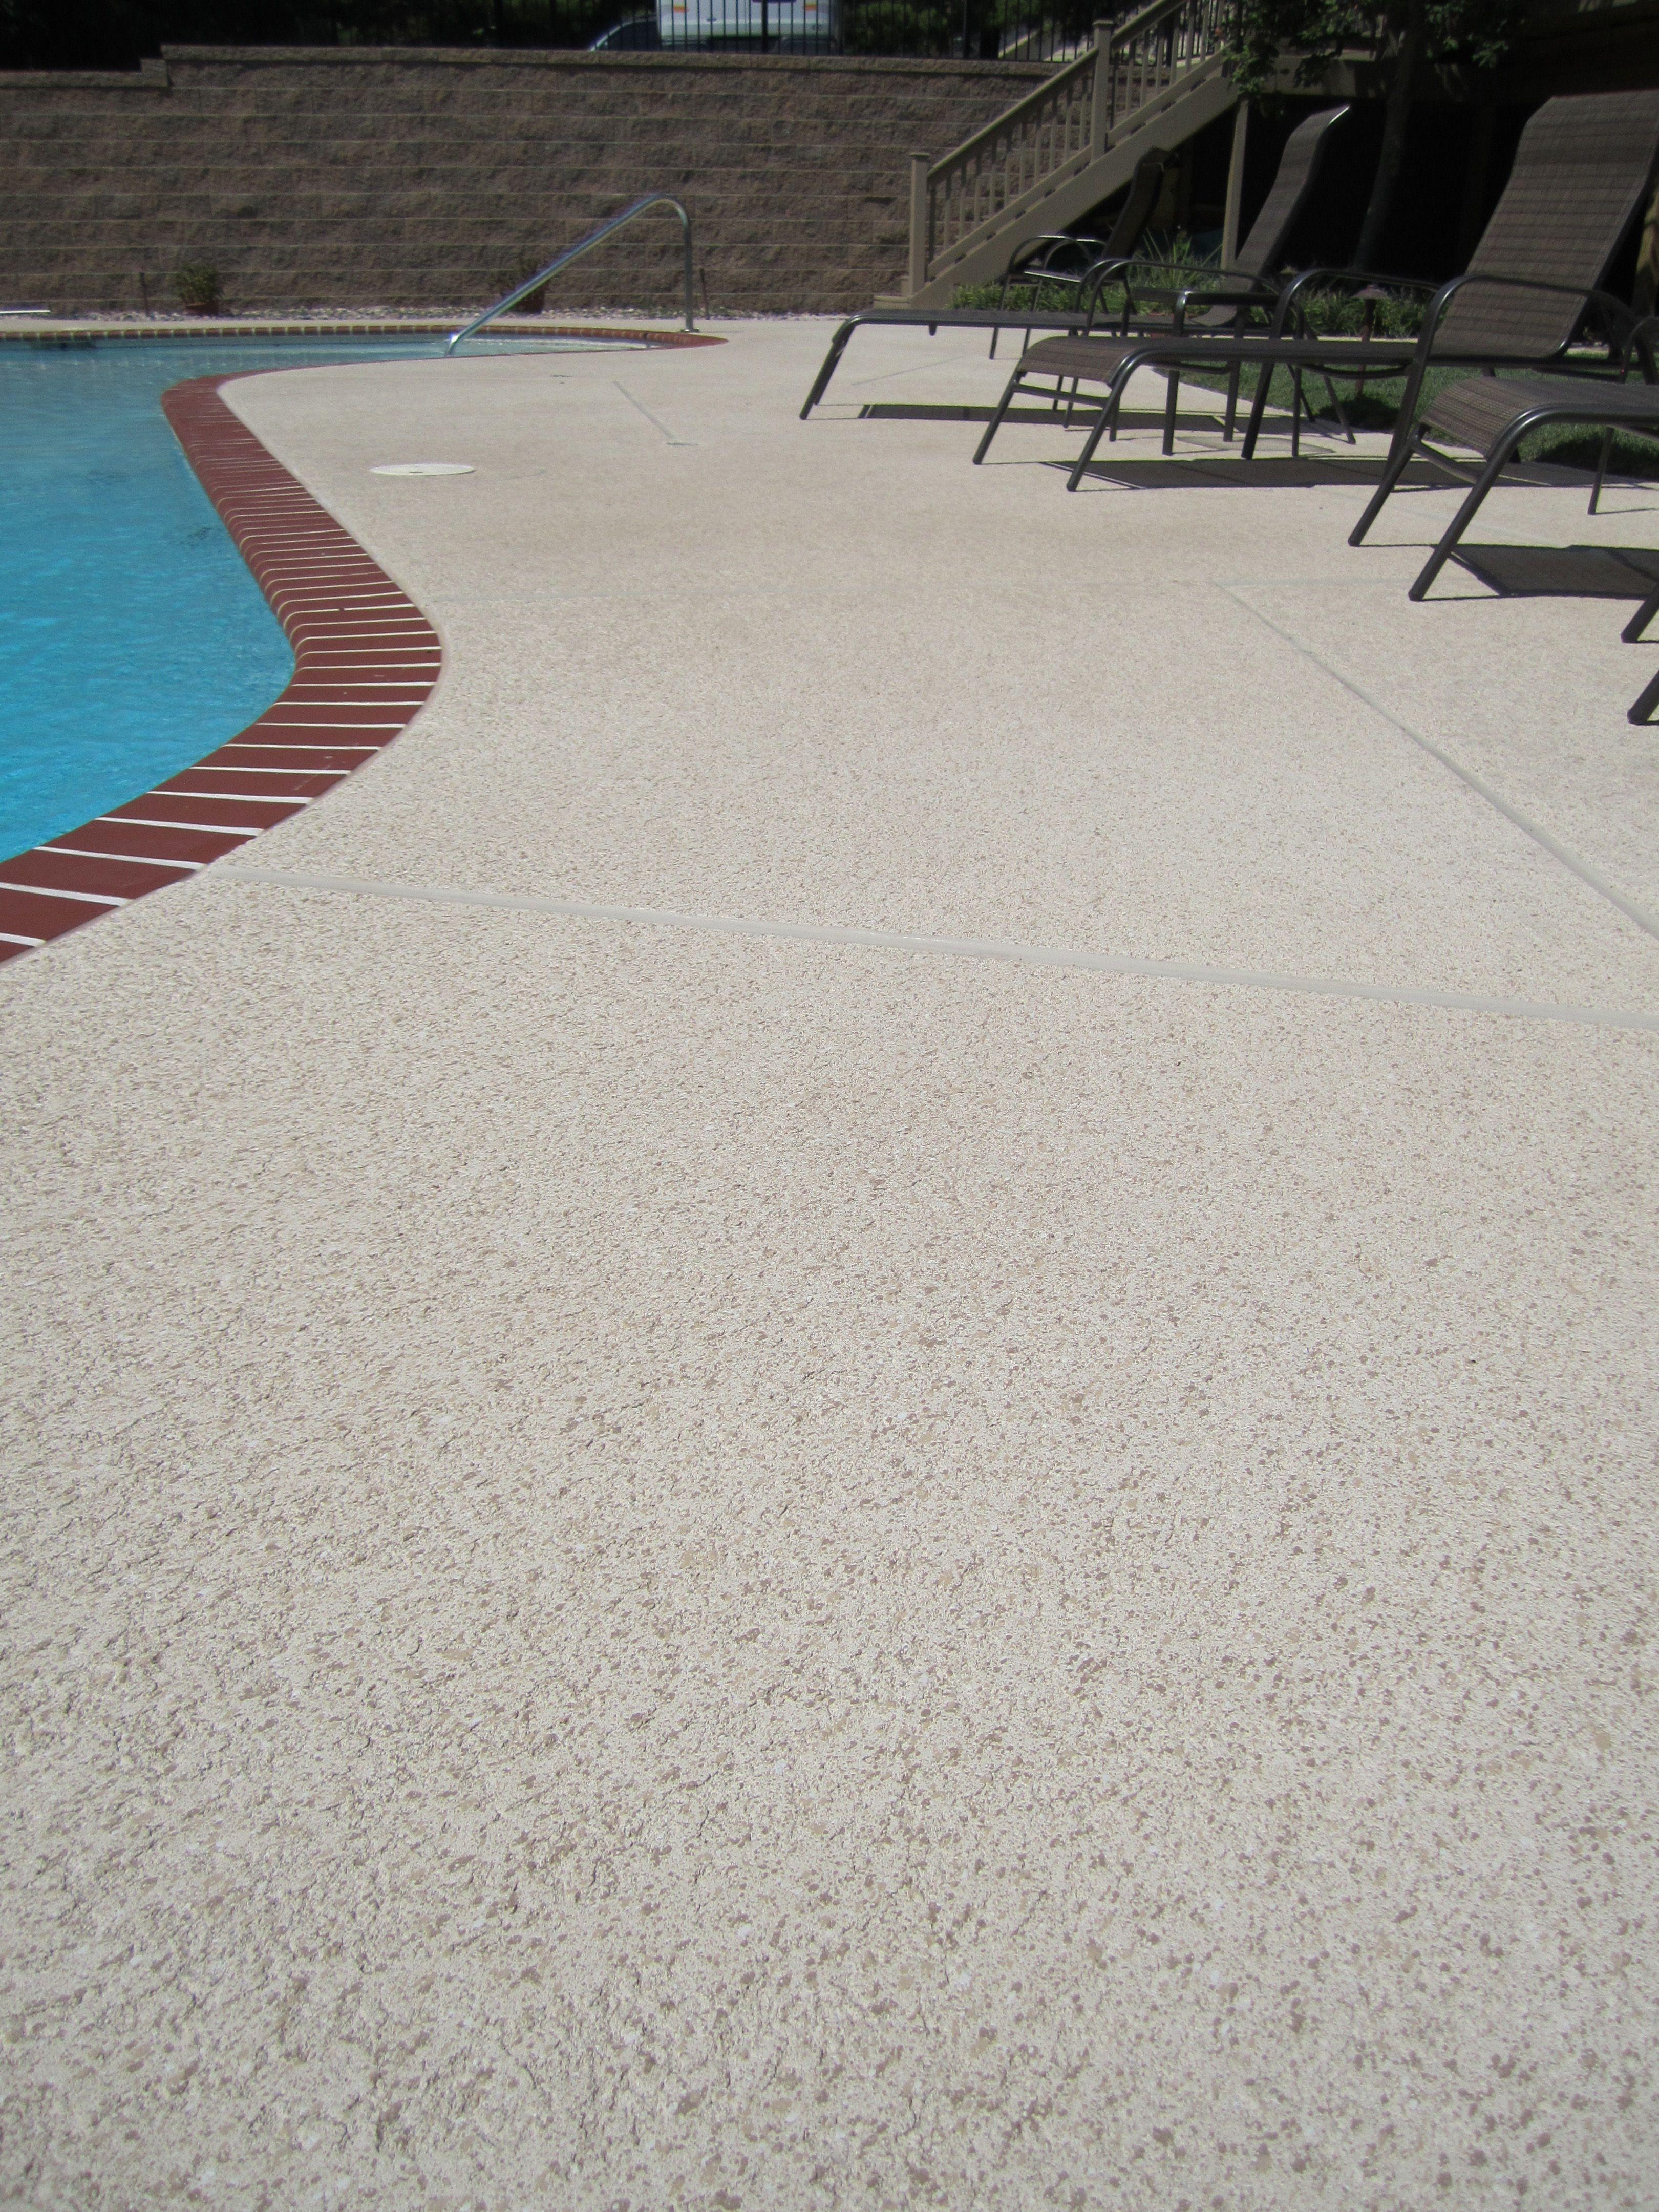 Sundek Complete Concrete Repair Decorative Concrete Systems Cool Deck Pool Houses Concrete Pool